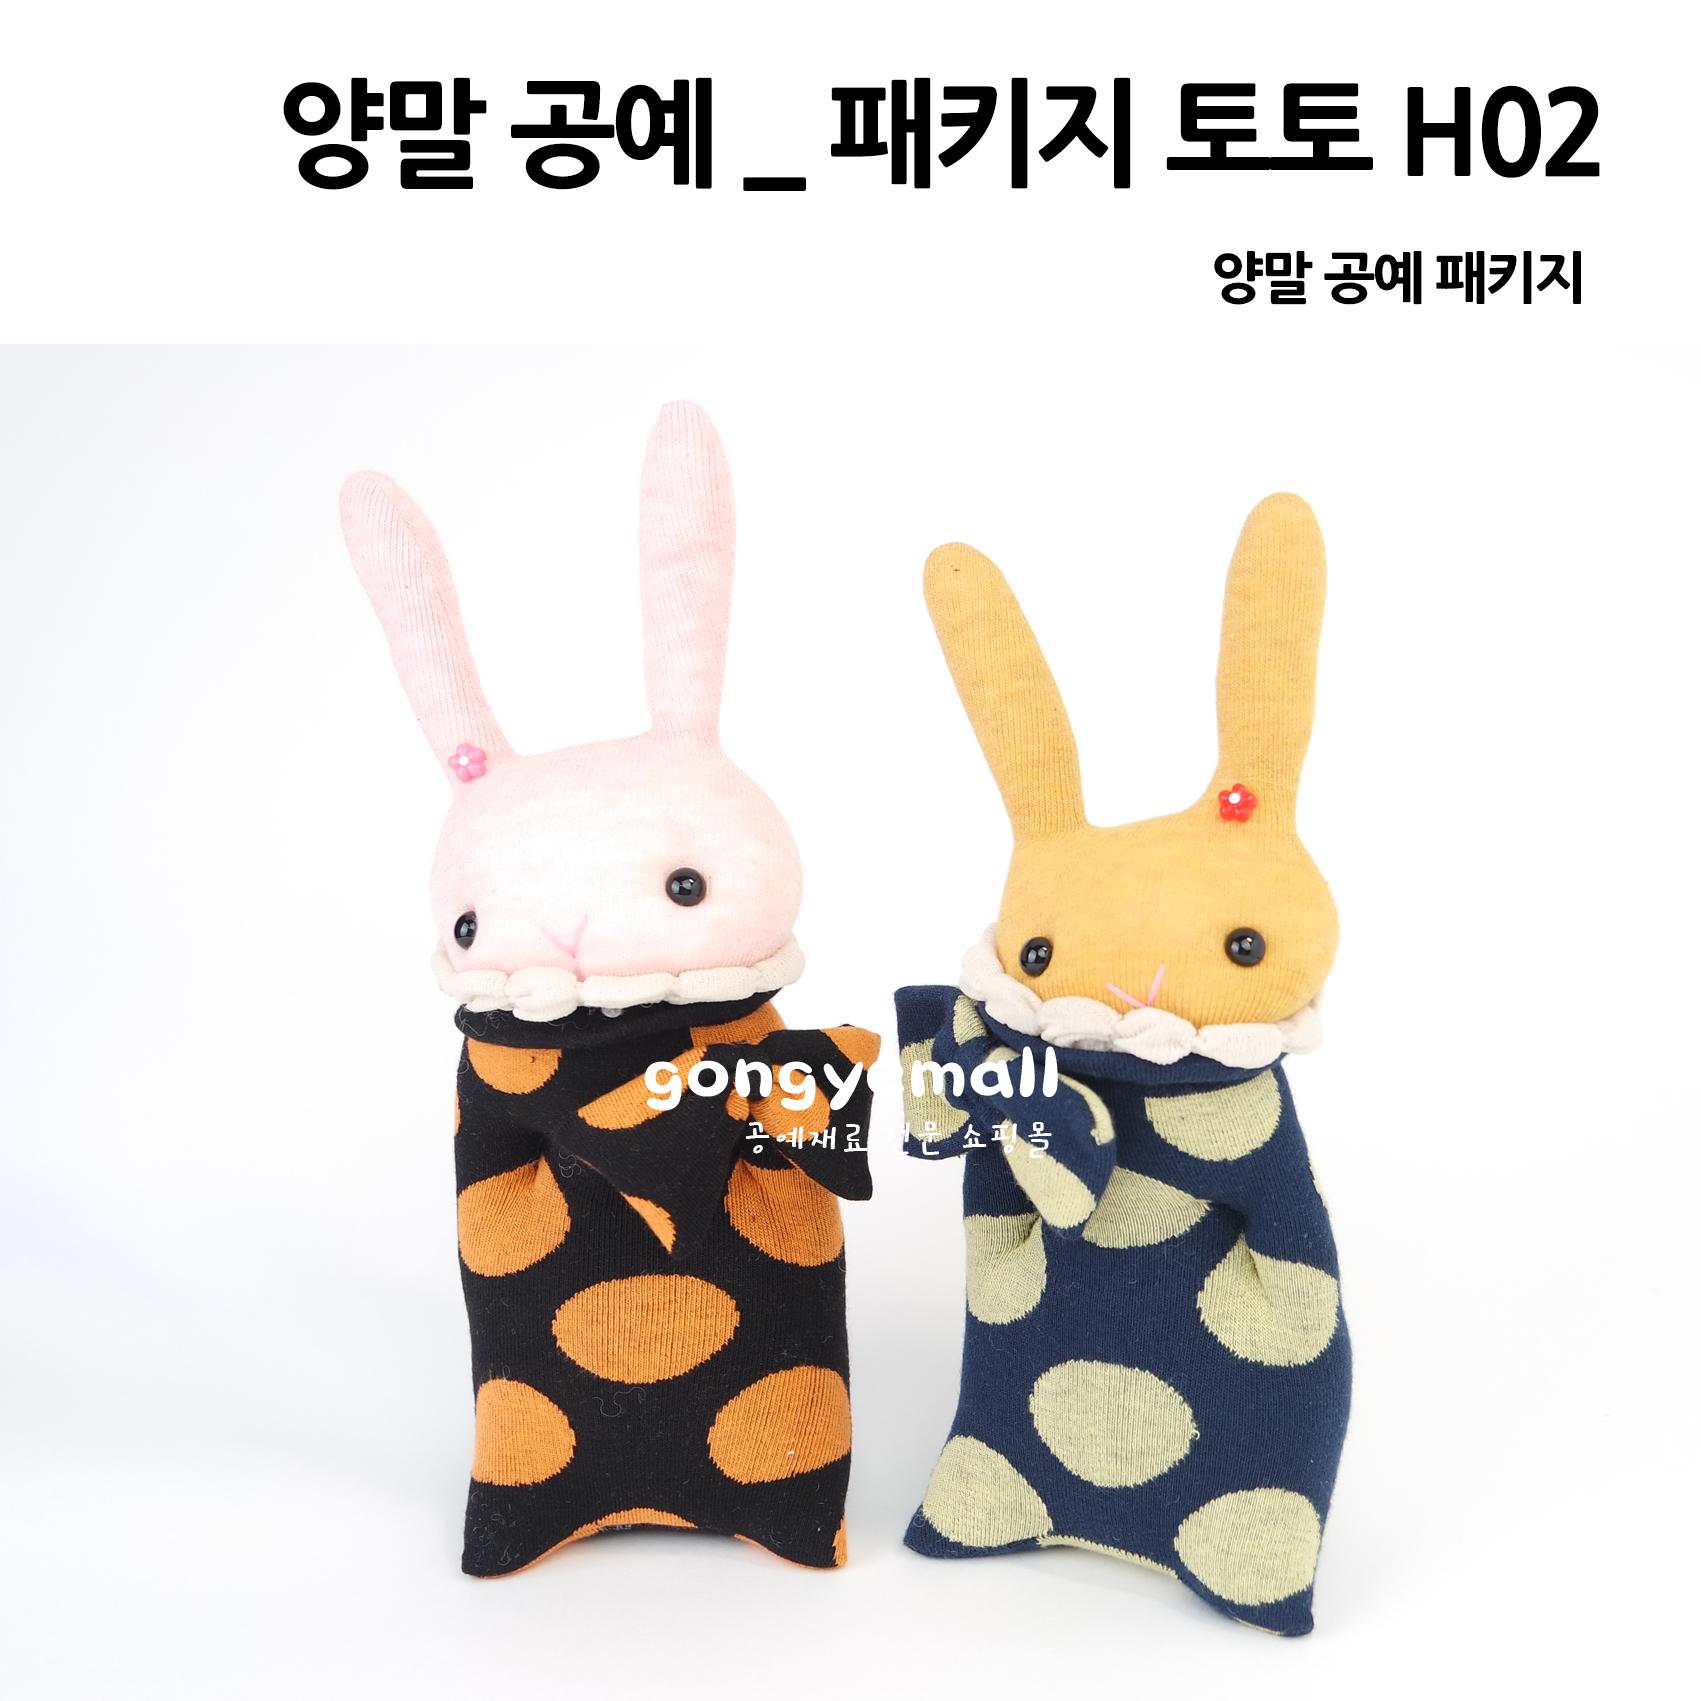 [양말공예]양말 DIY 패키지 토토 H02